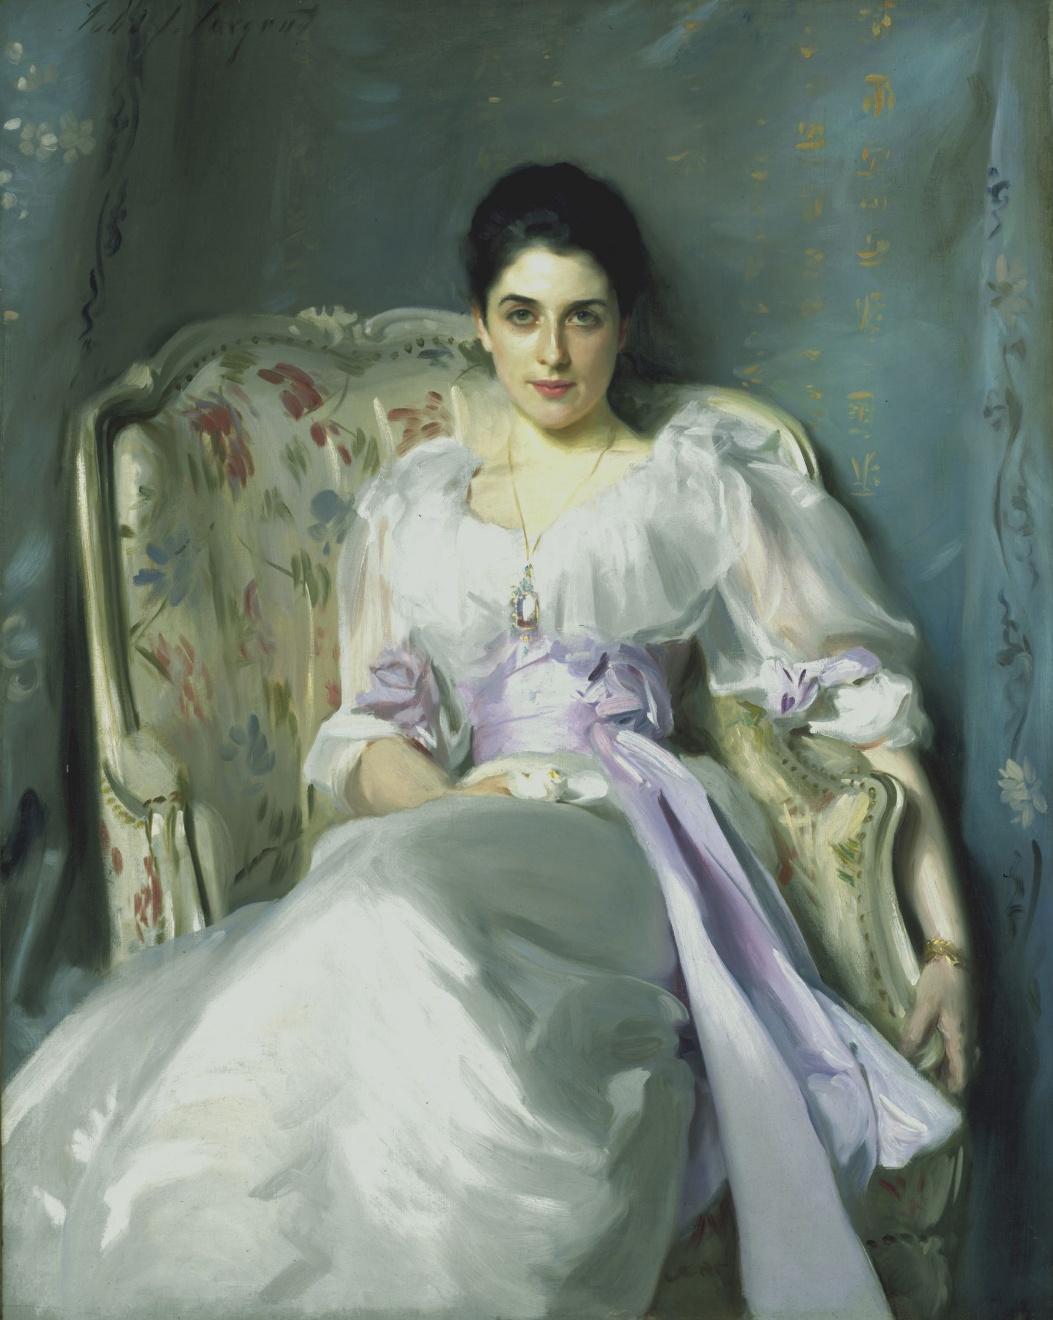 John Singer Sargent Madame X File:Sargent Lady Agne...